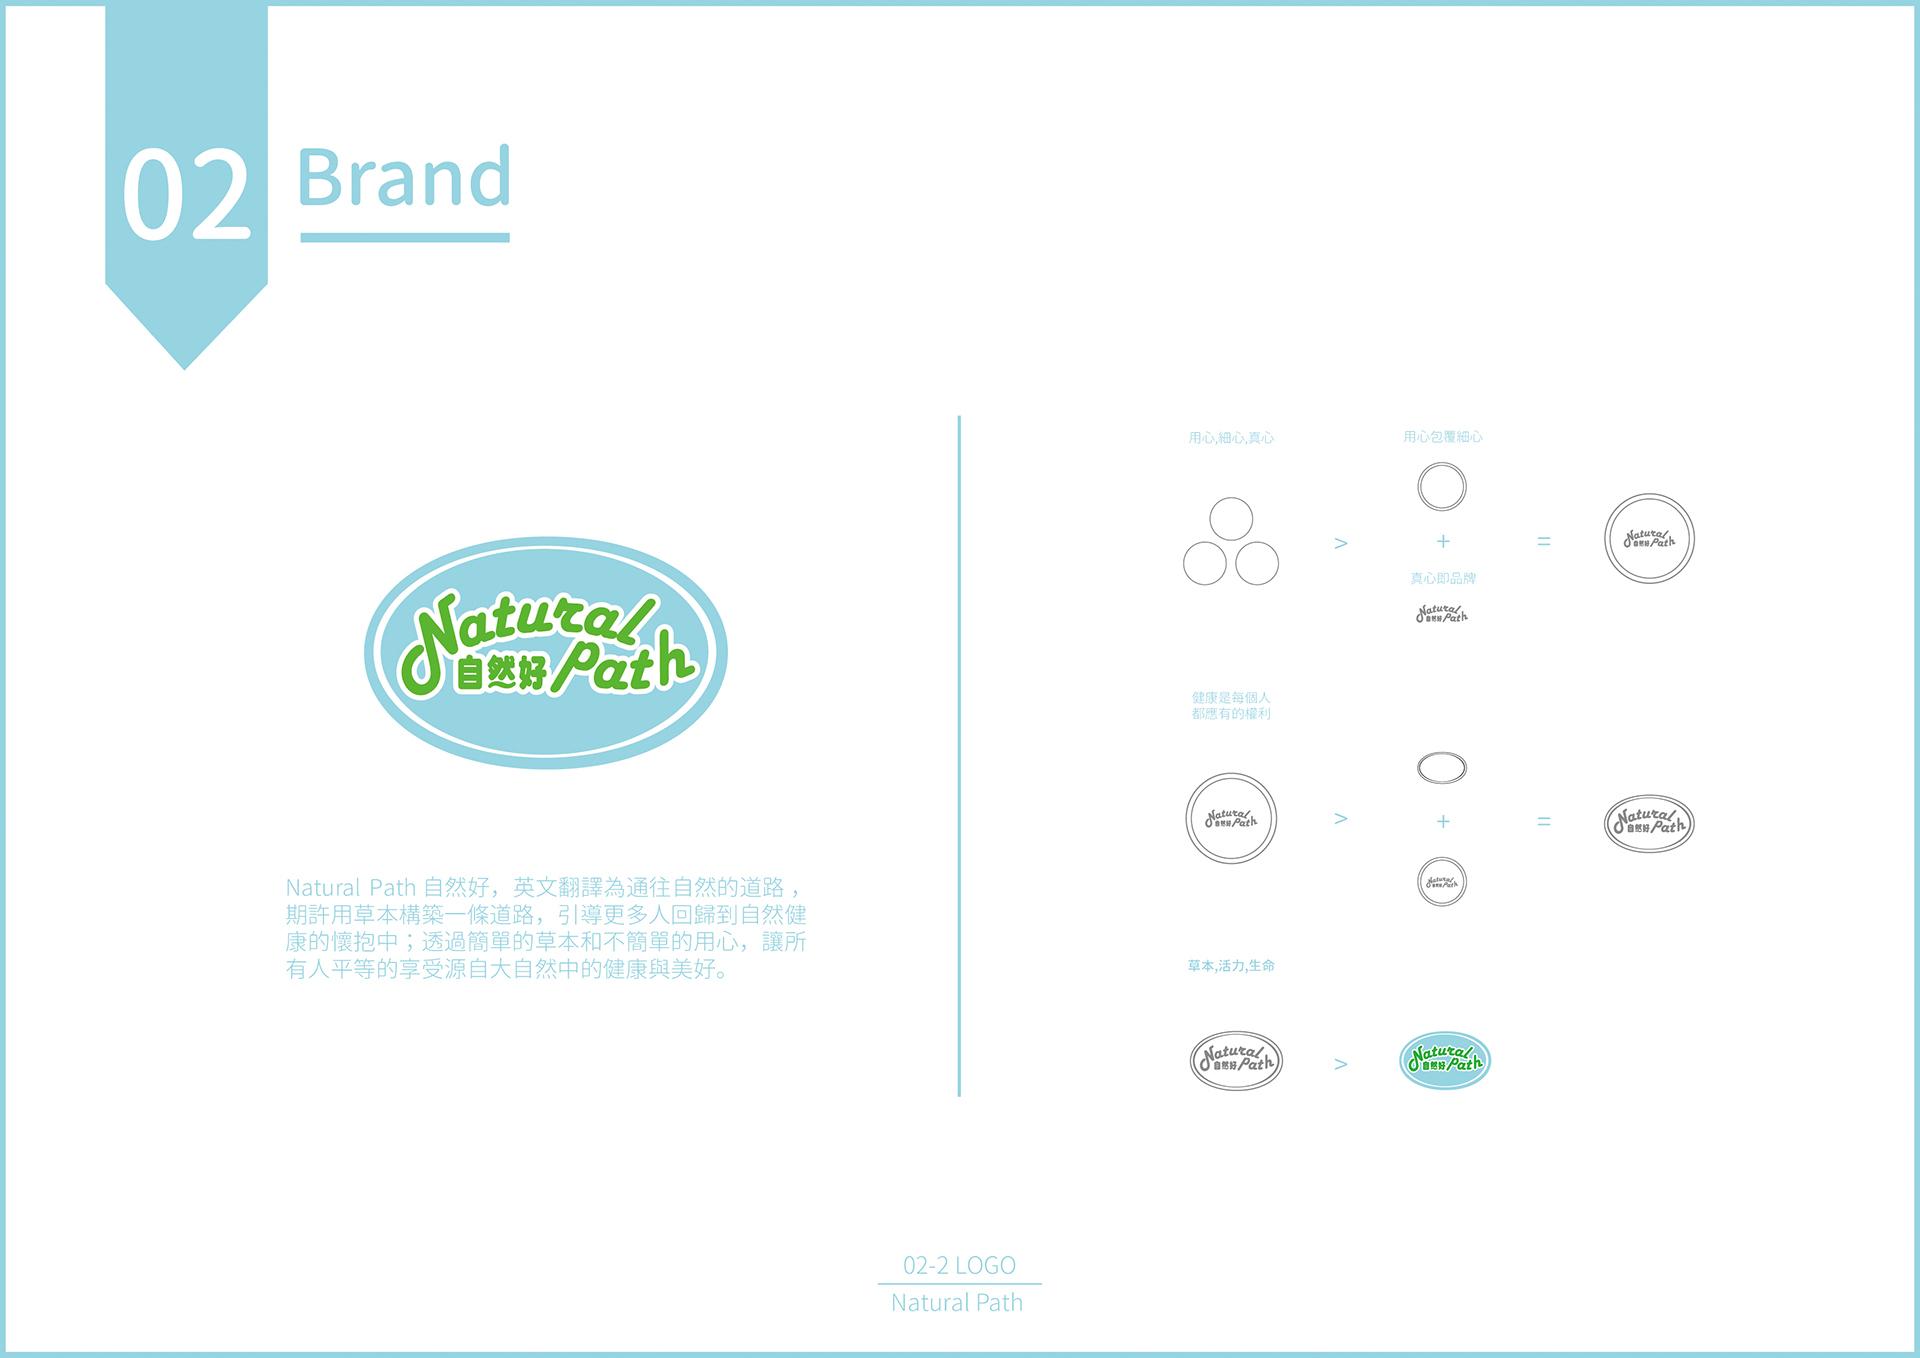 Natural Path 自然好品牌概念:用心、細心、真心+草本+自然+活力,最天然健康的在地品牌。